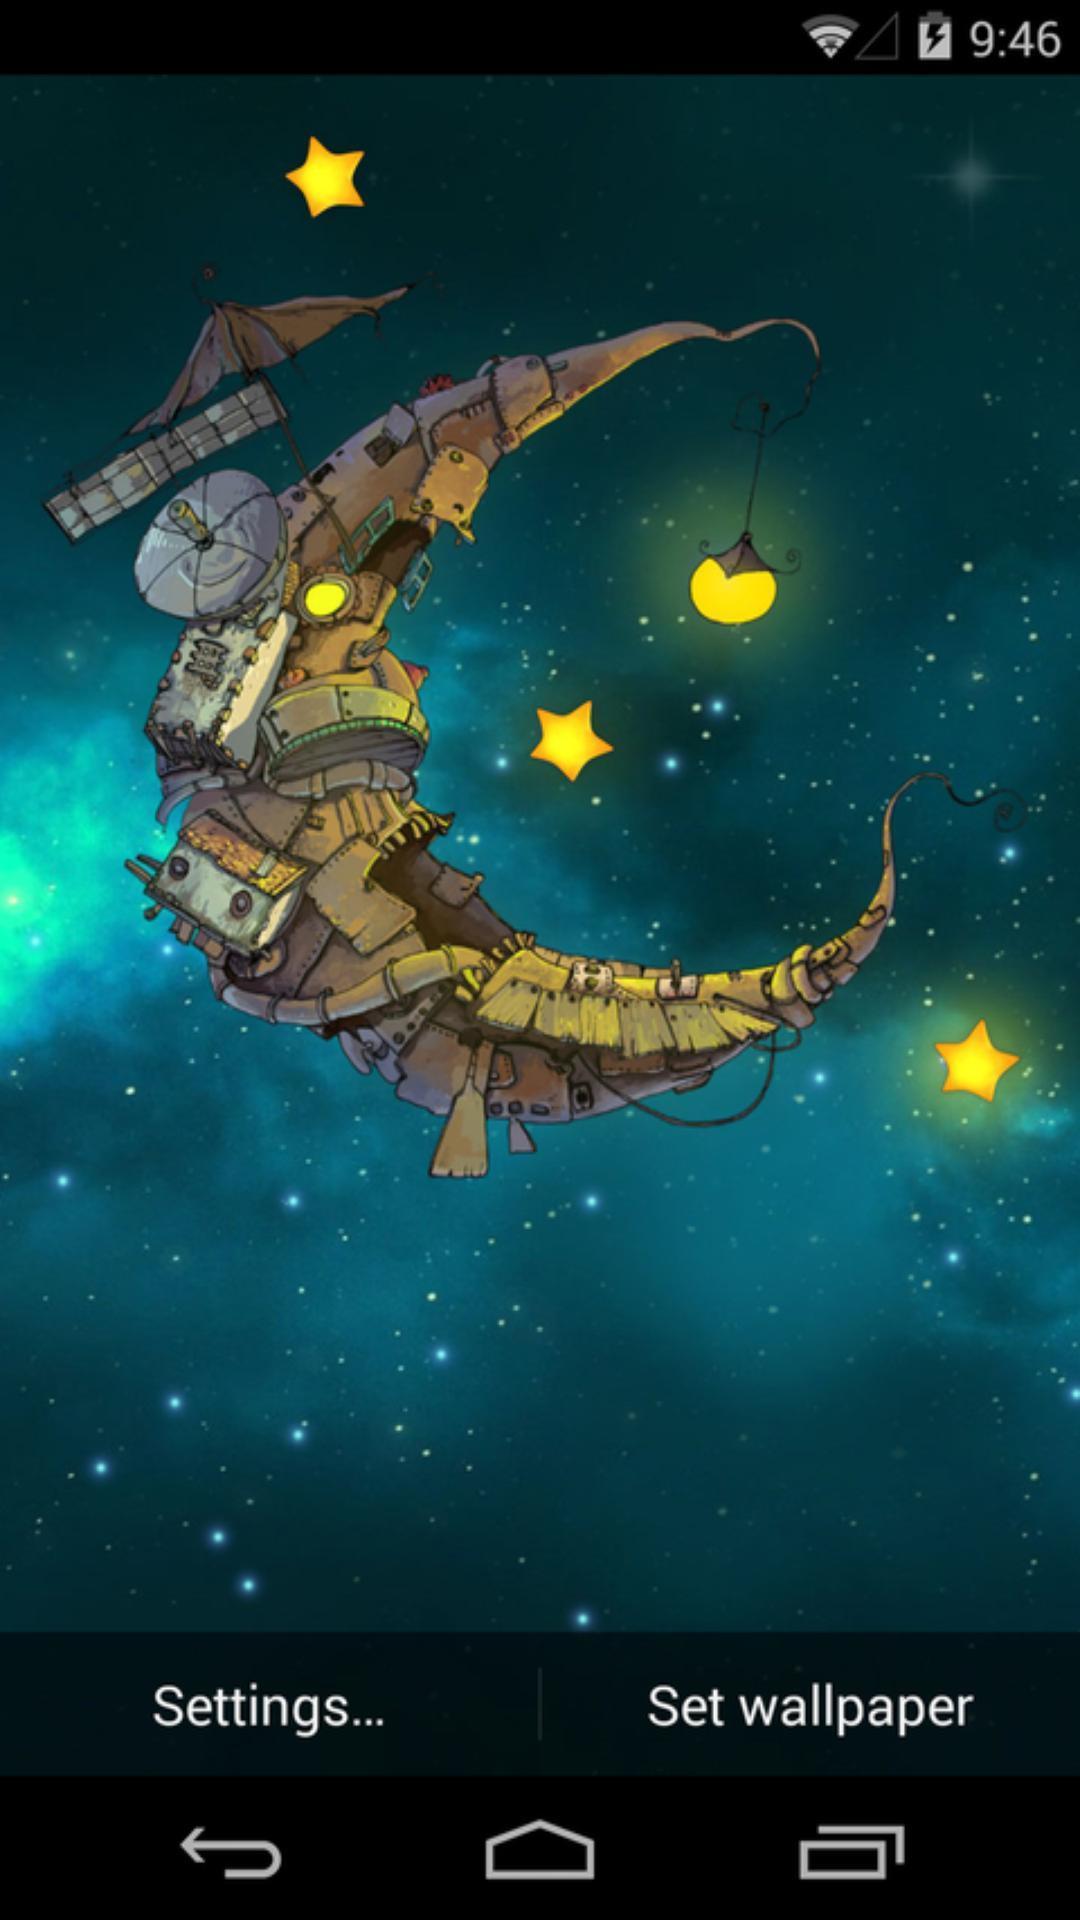 星空手绘图片小船